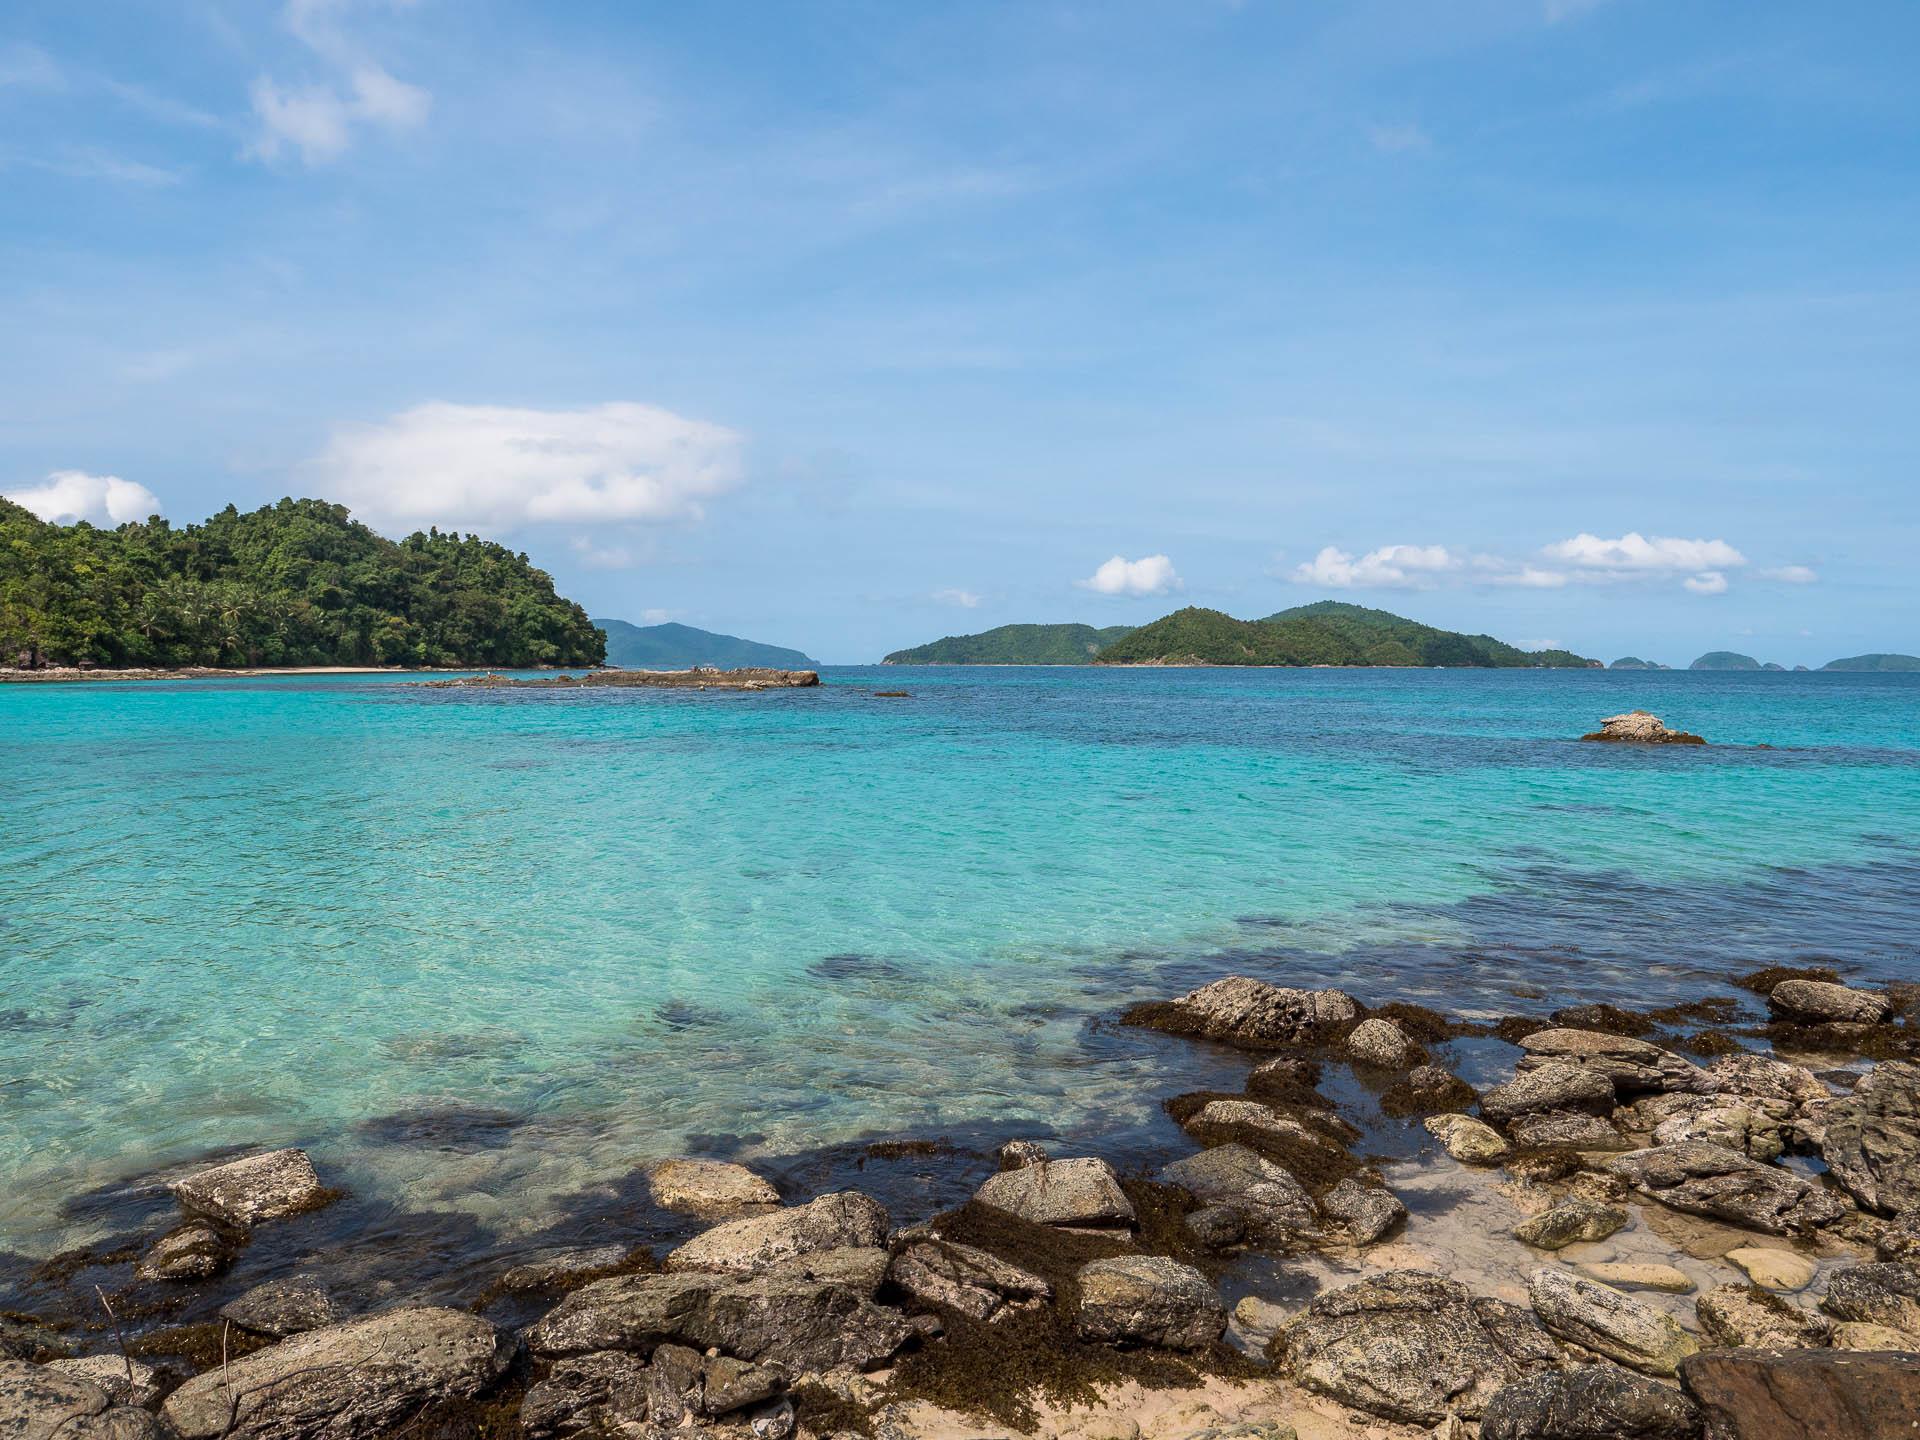 Port barton plage vue - Les globe blogueurs - blog voyage nature